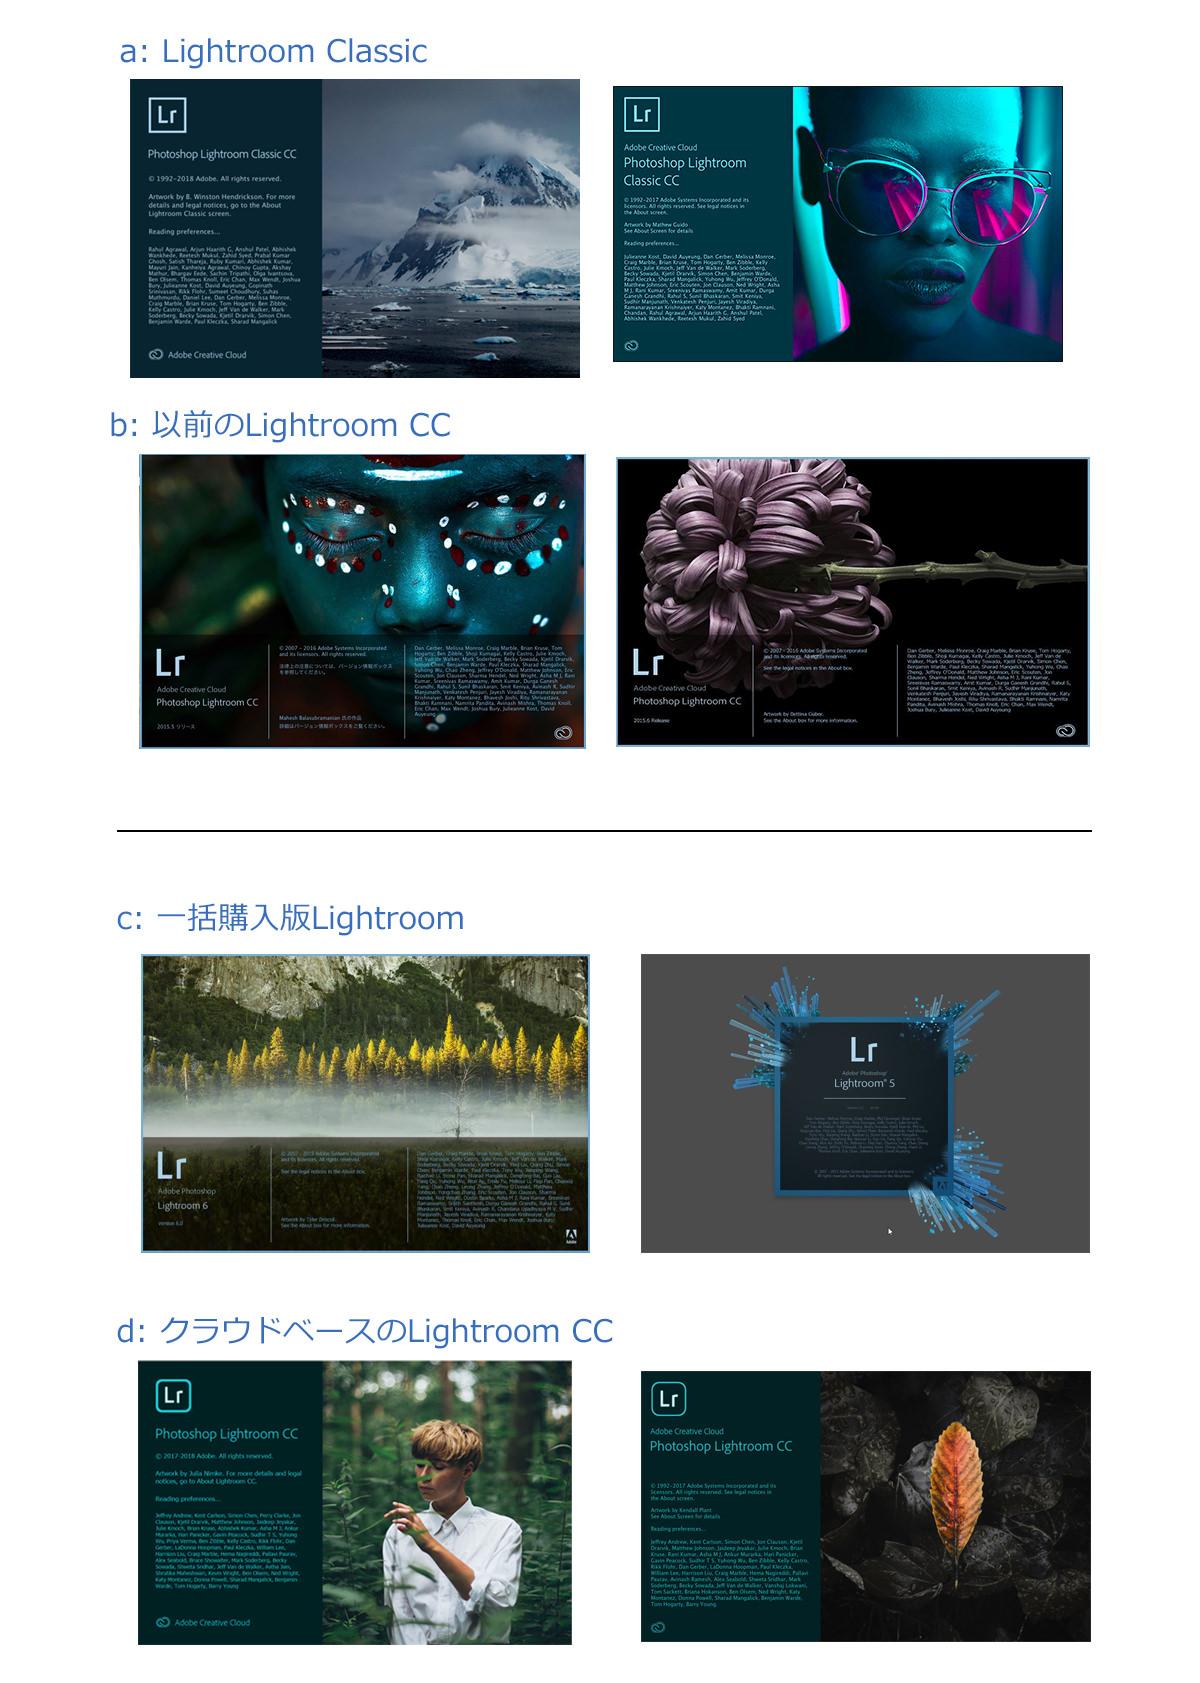 スプラッシュスクリーン-アイキャッチ画像-モバイル記事用2-revised